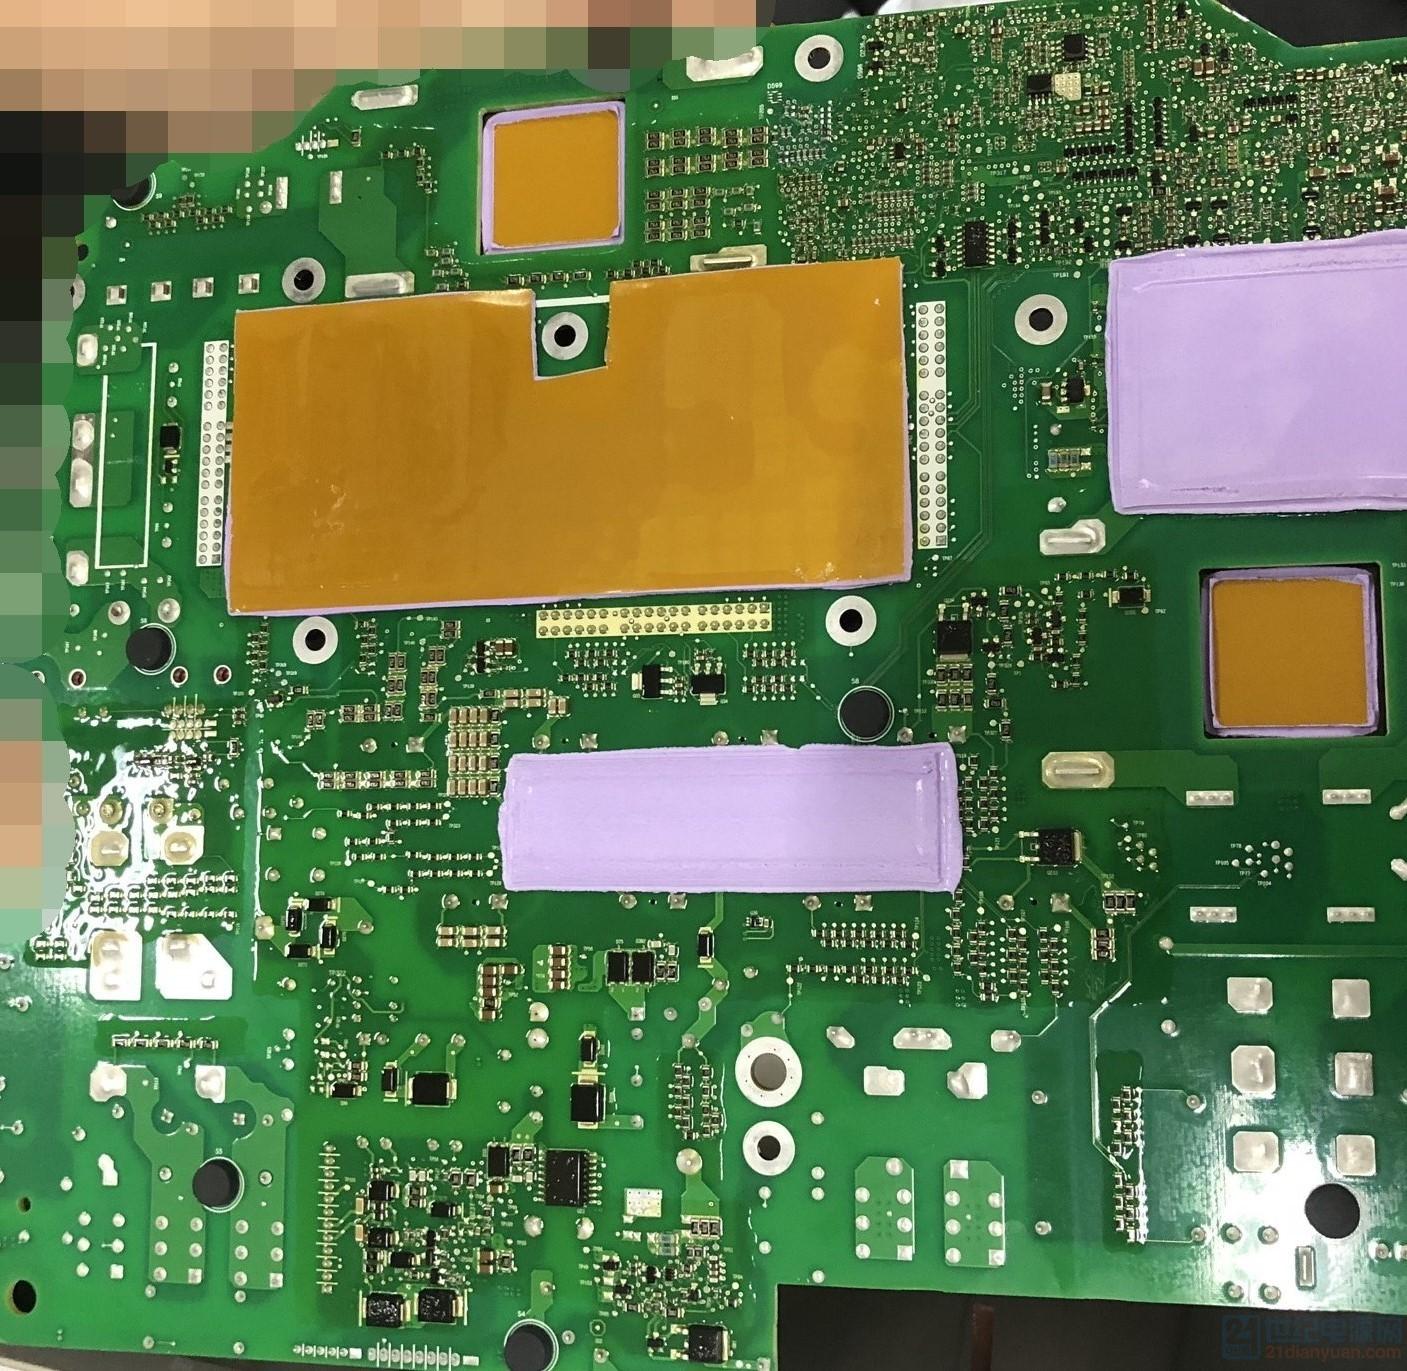 主板背面图,电感、功率部分、母线电容都进行了热处理